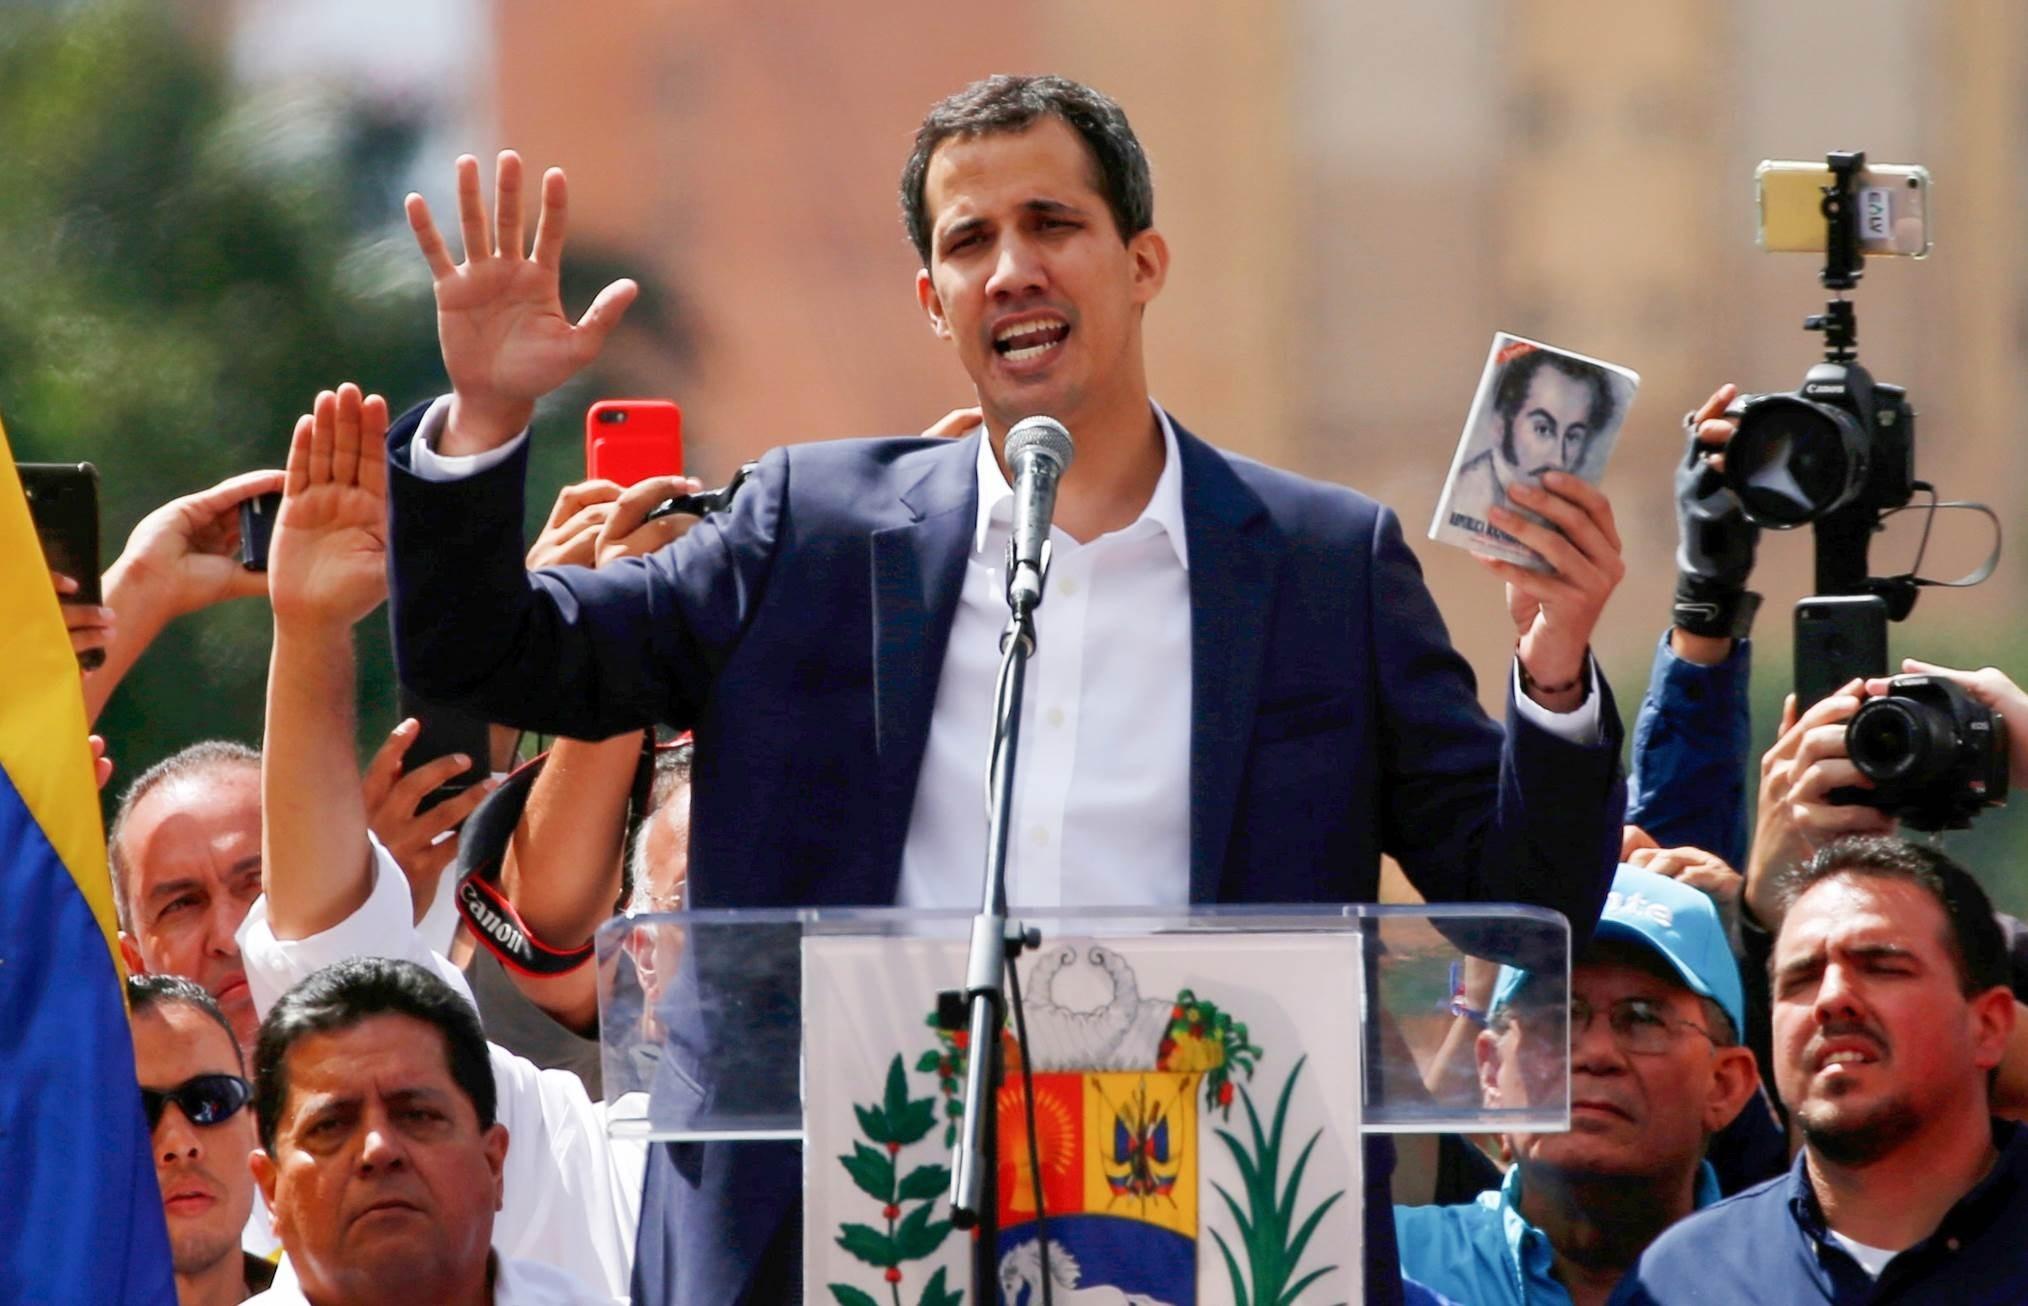 صعب يعتبر أن غوايدو ومعاونيه يسعون إلى تجريد فنزويلا من ثروتها